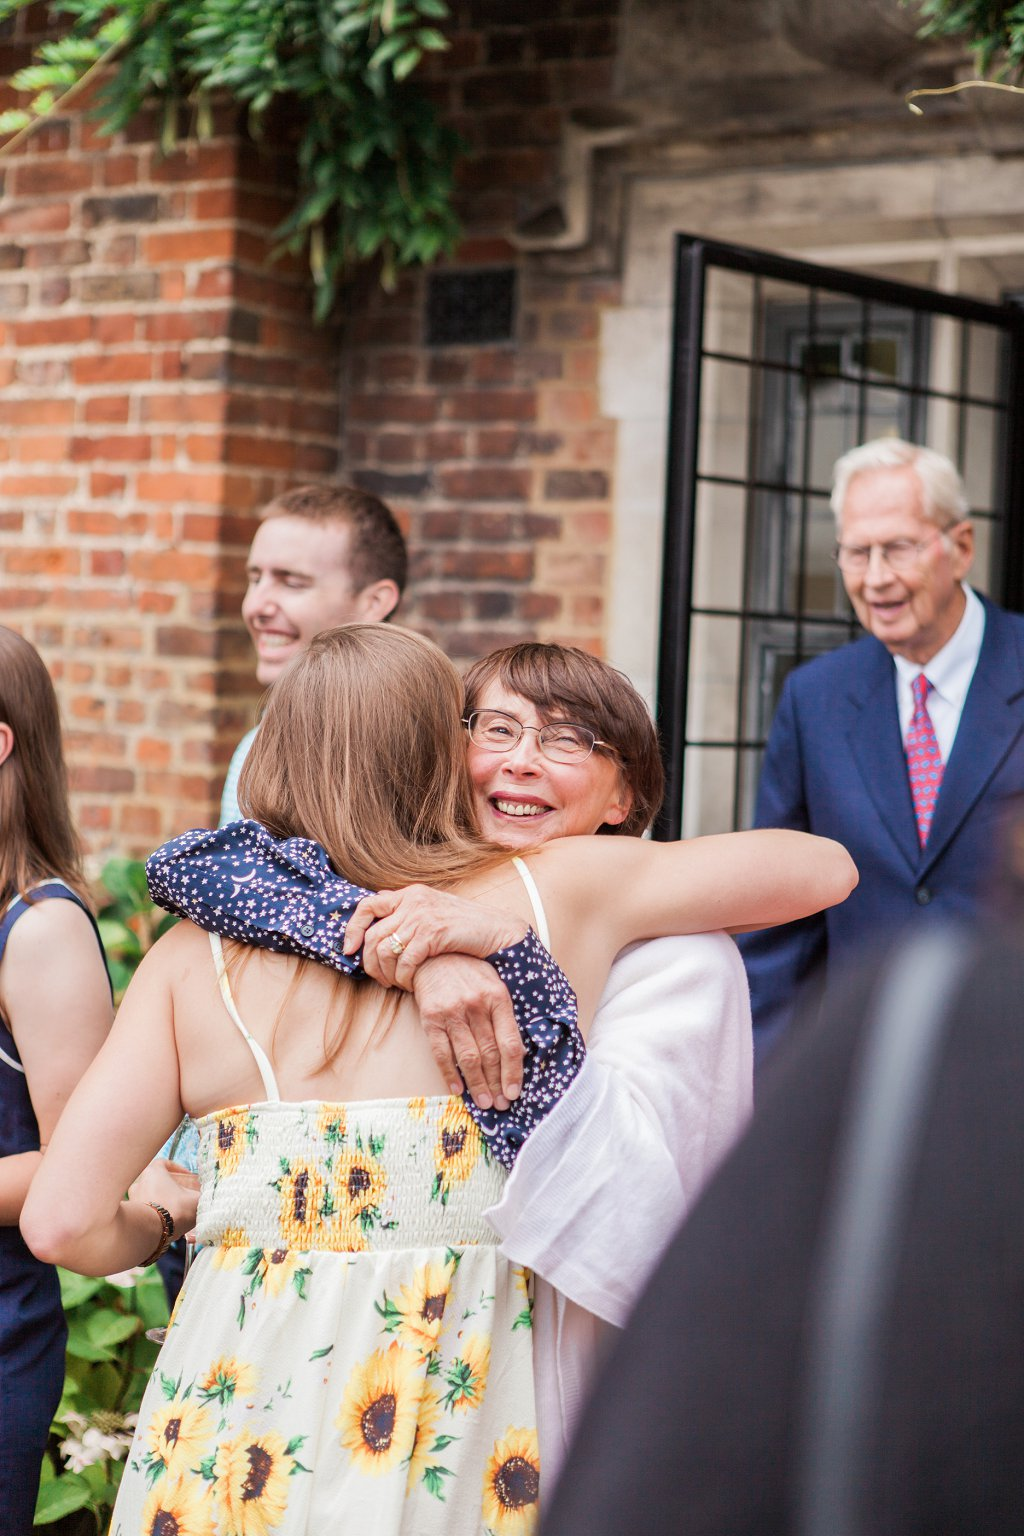 Wedding moments, image credit Amanda Karen Photography